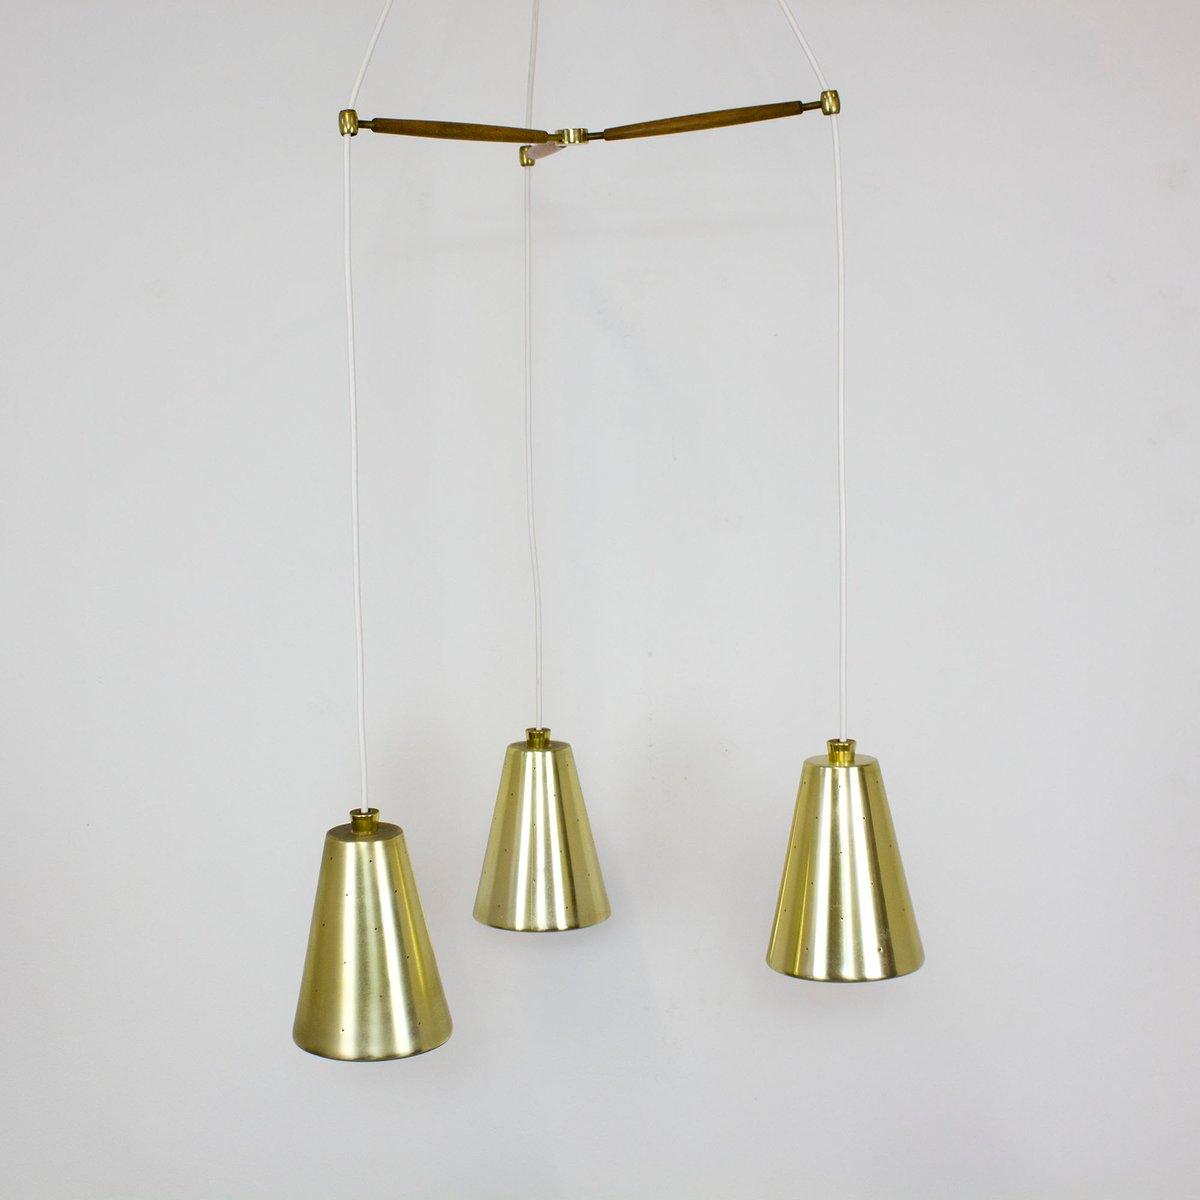 Vintage Messing, Teak & Glas Deckenlampe mit Drei Leuchten von Lightol...